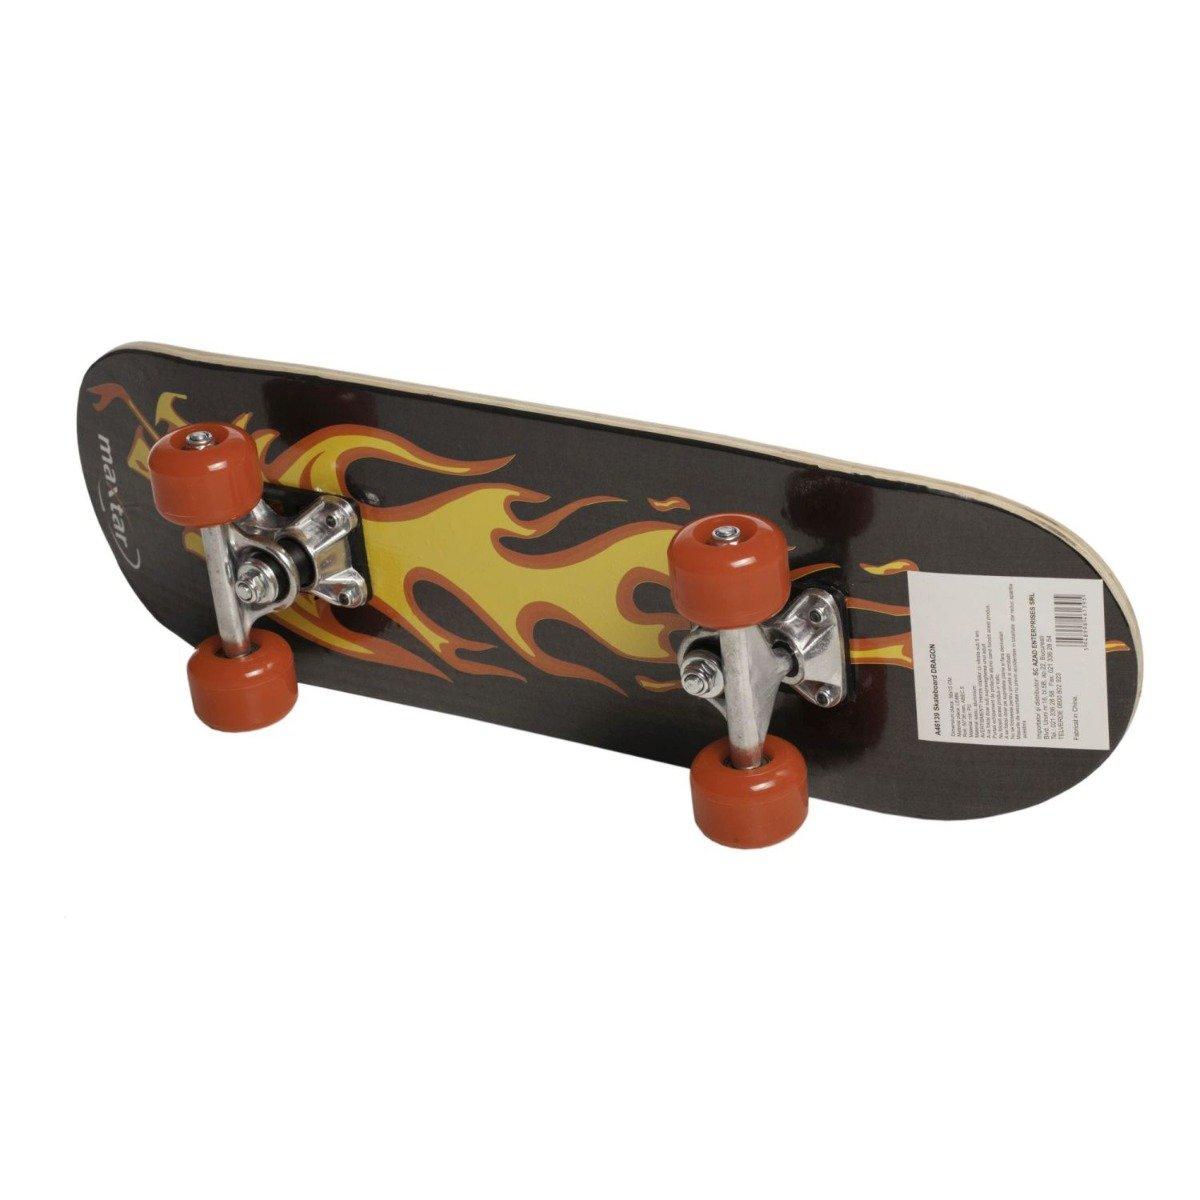 Skateboard Dragon Maxtar, 56 x 15 cm imagine